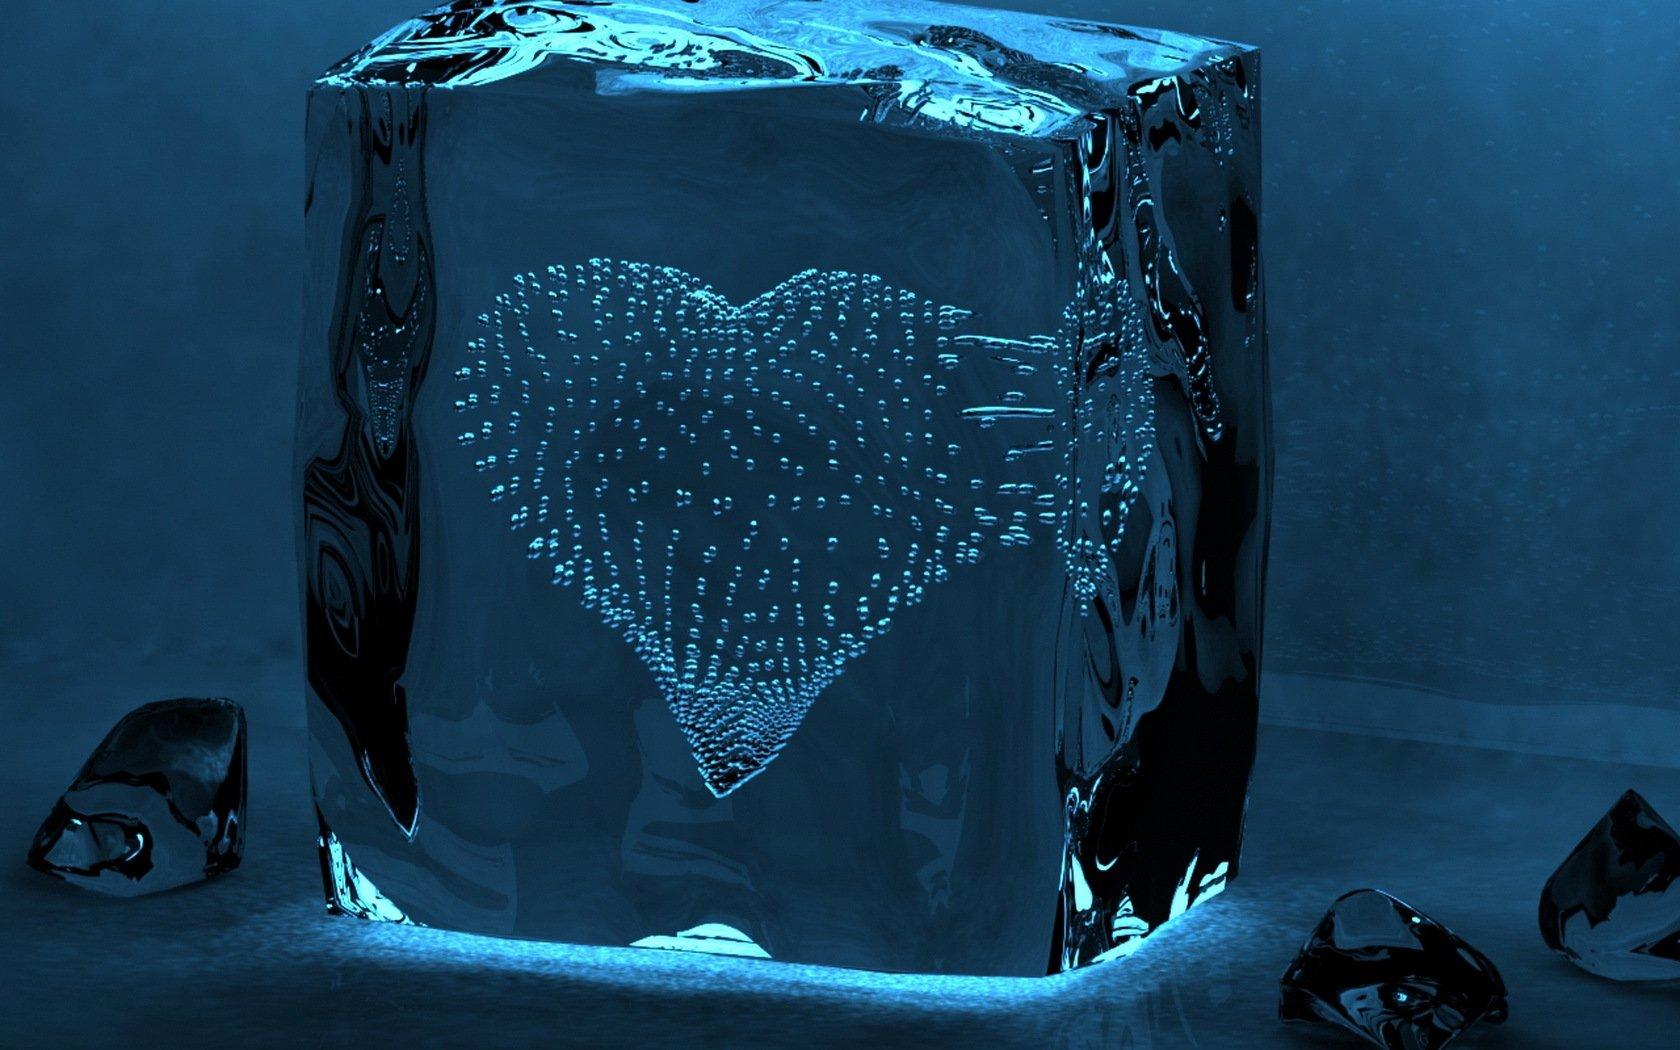 большего гаджета фото ледяное сердце как лед историко-архитектурный художественный музей